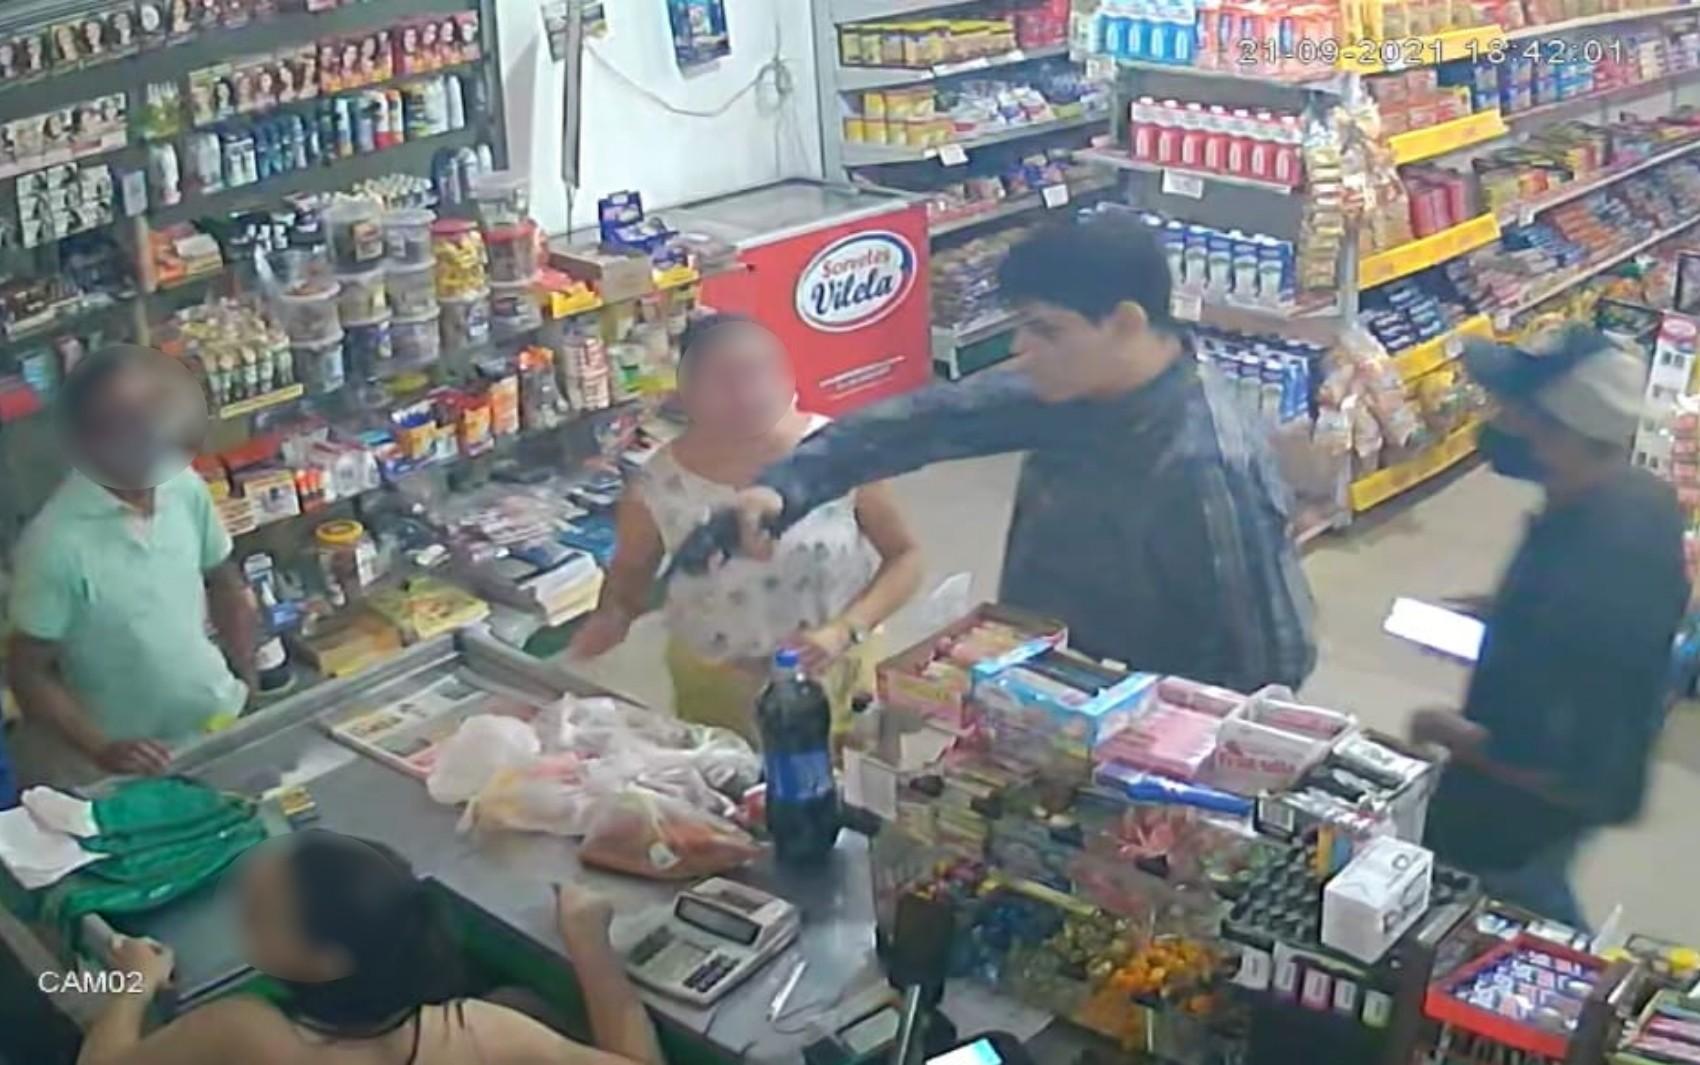 Ladrão atira na orelha de cliente durante assalto em supermercado de Goianira; vídeo